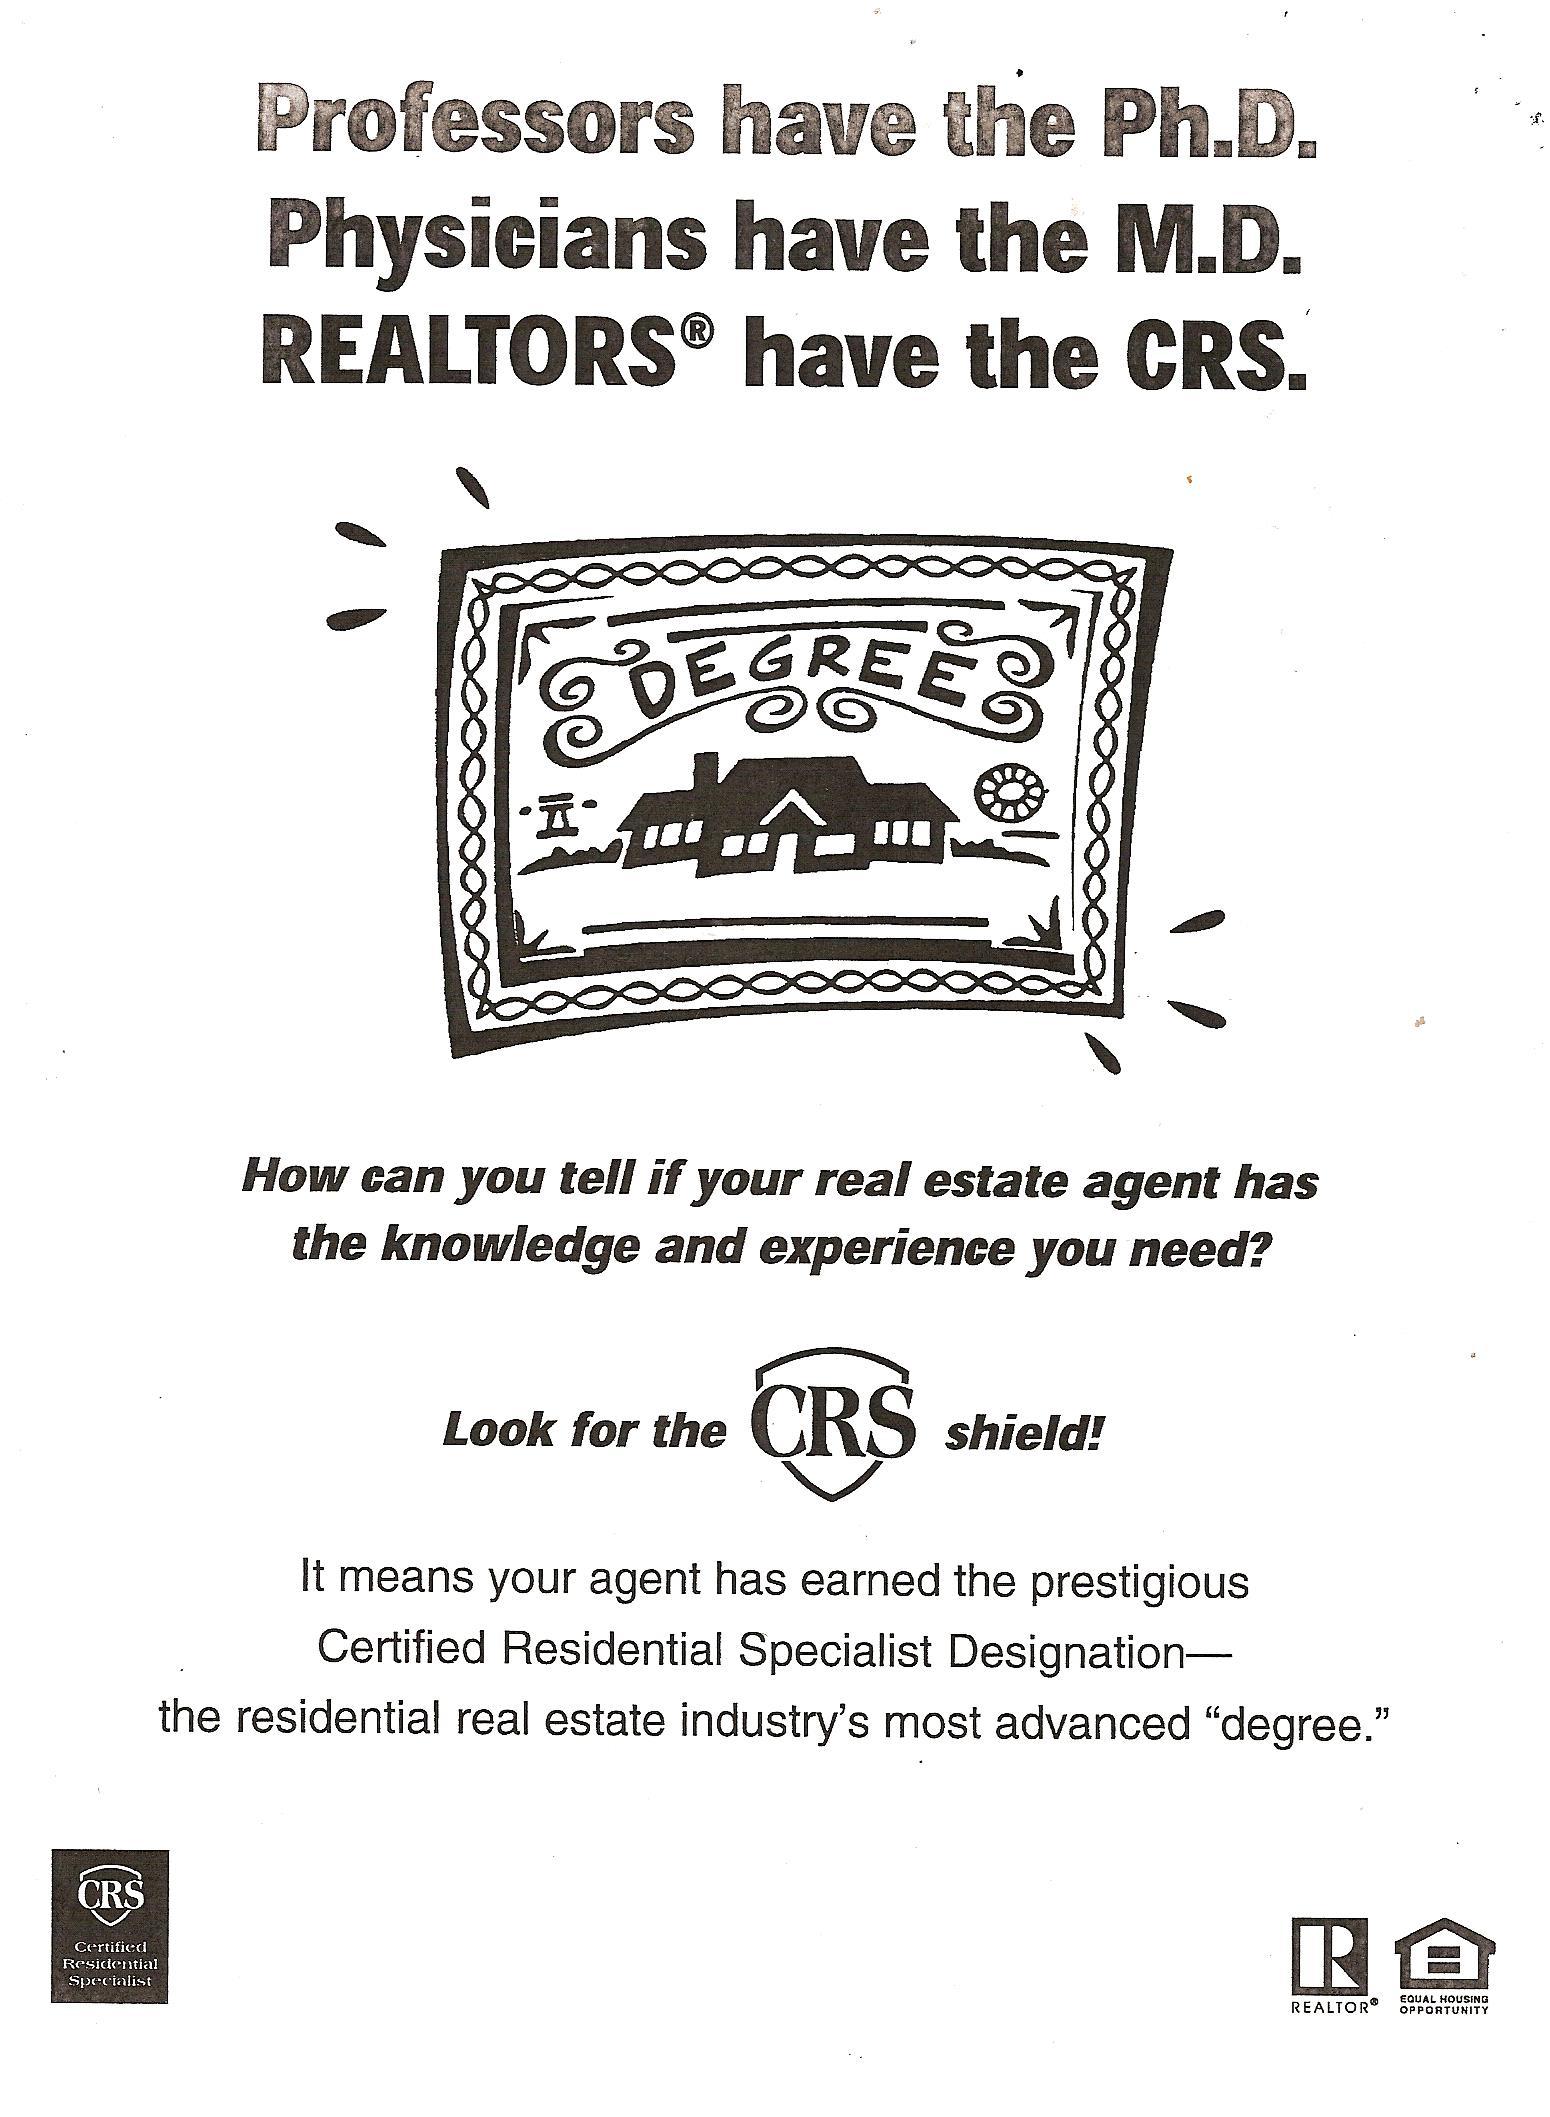 CRS1 recd04-25-14